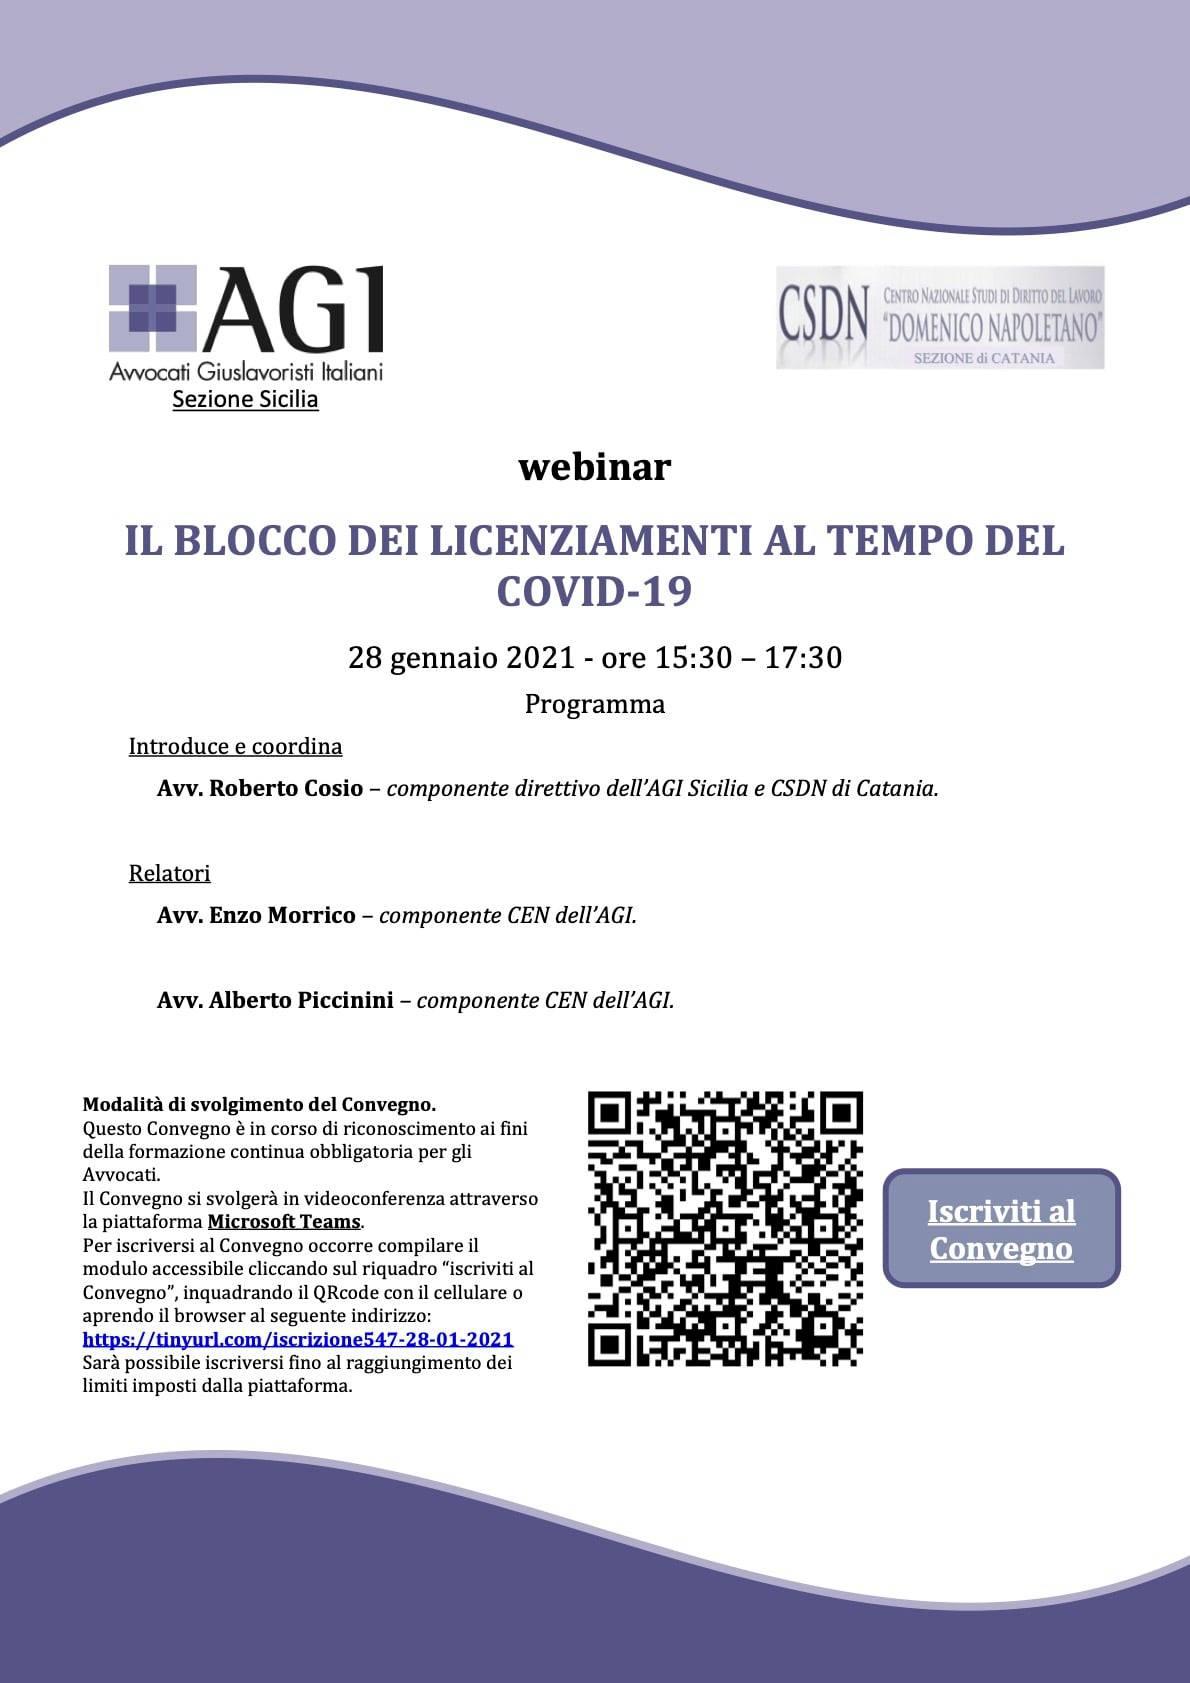 AGI Sicilia – Il blocco dei licenziamenti al tempo del Covid-19